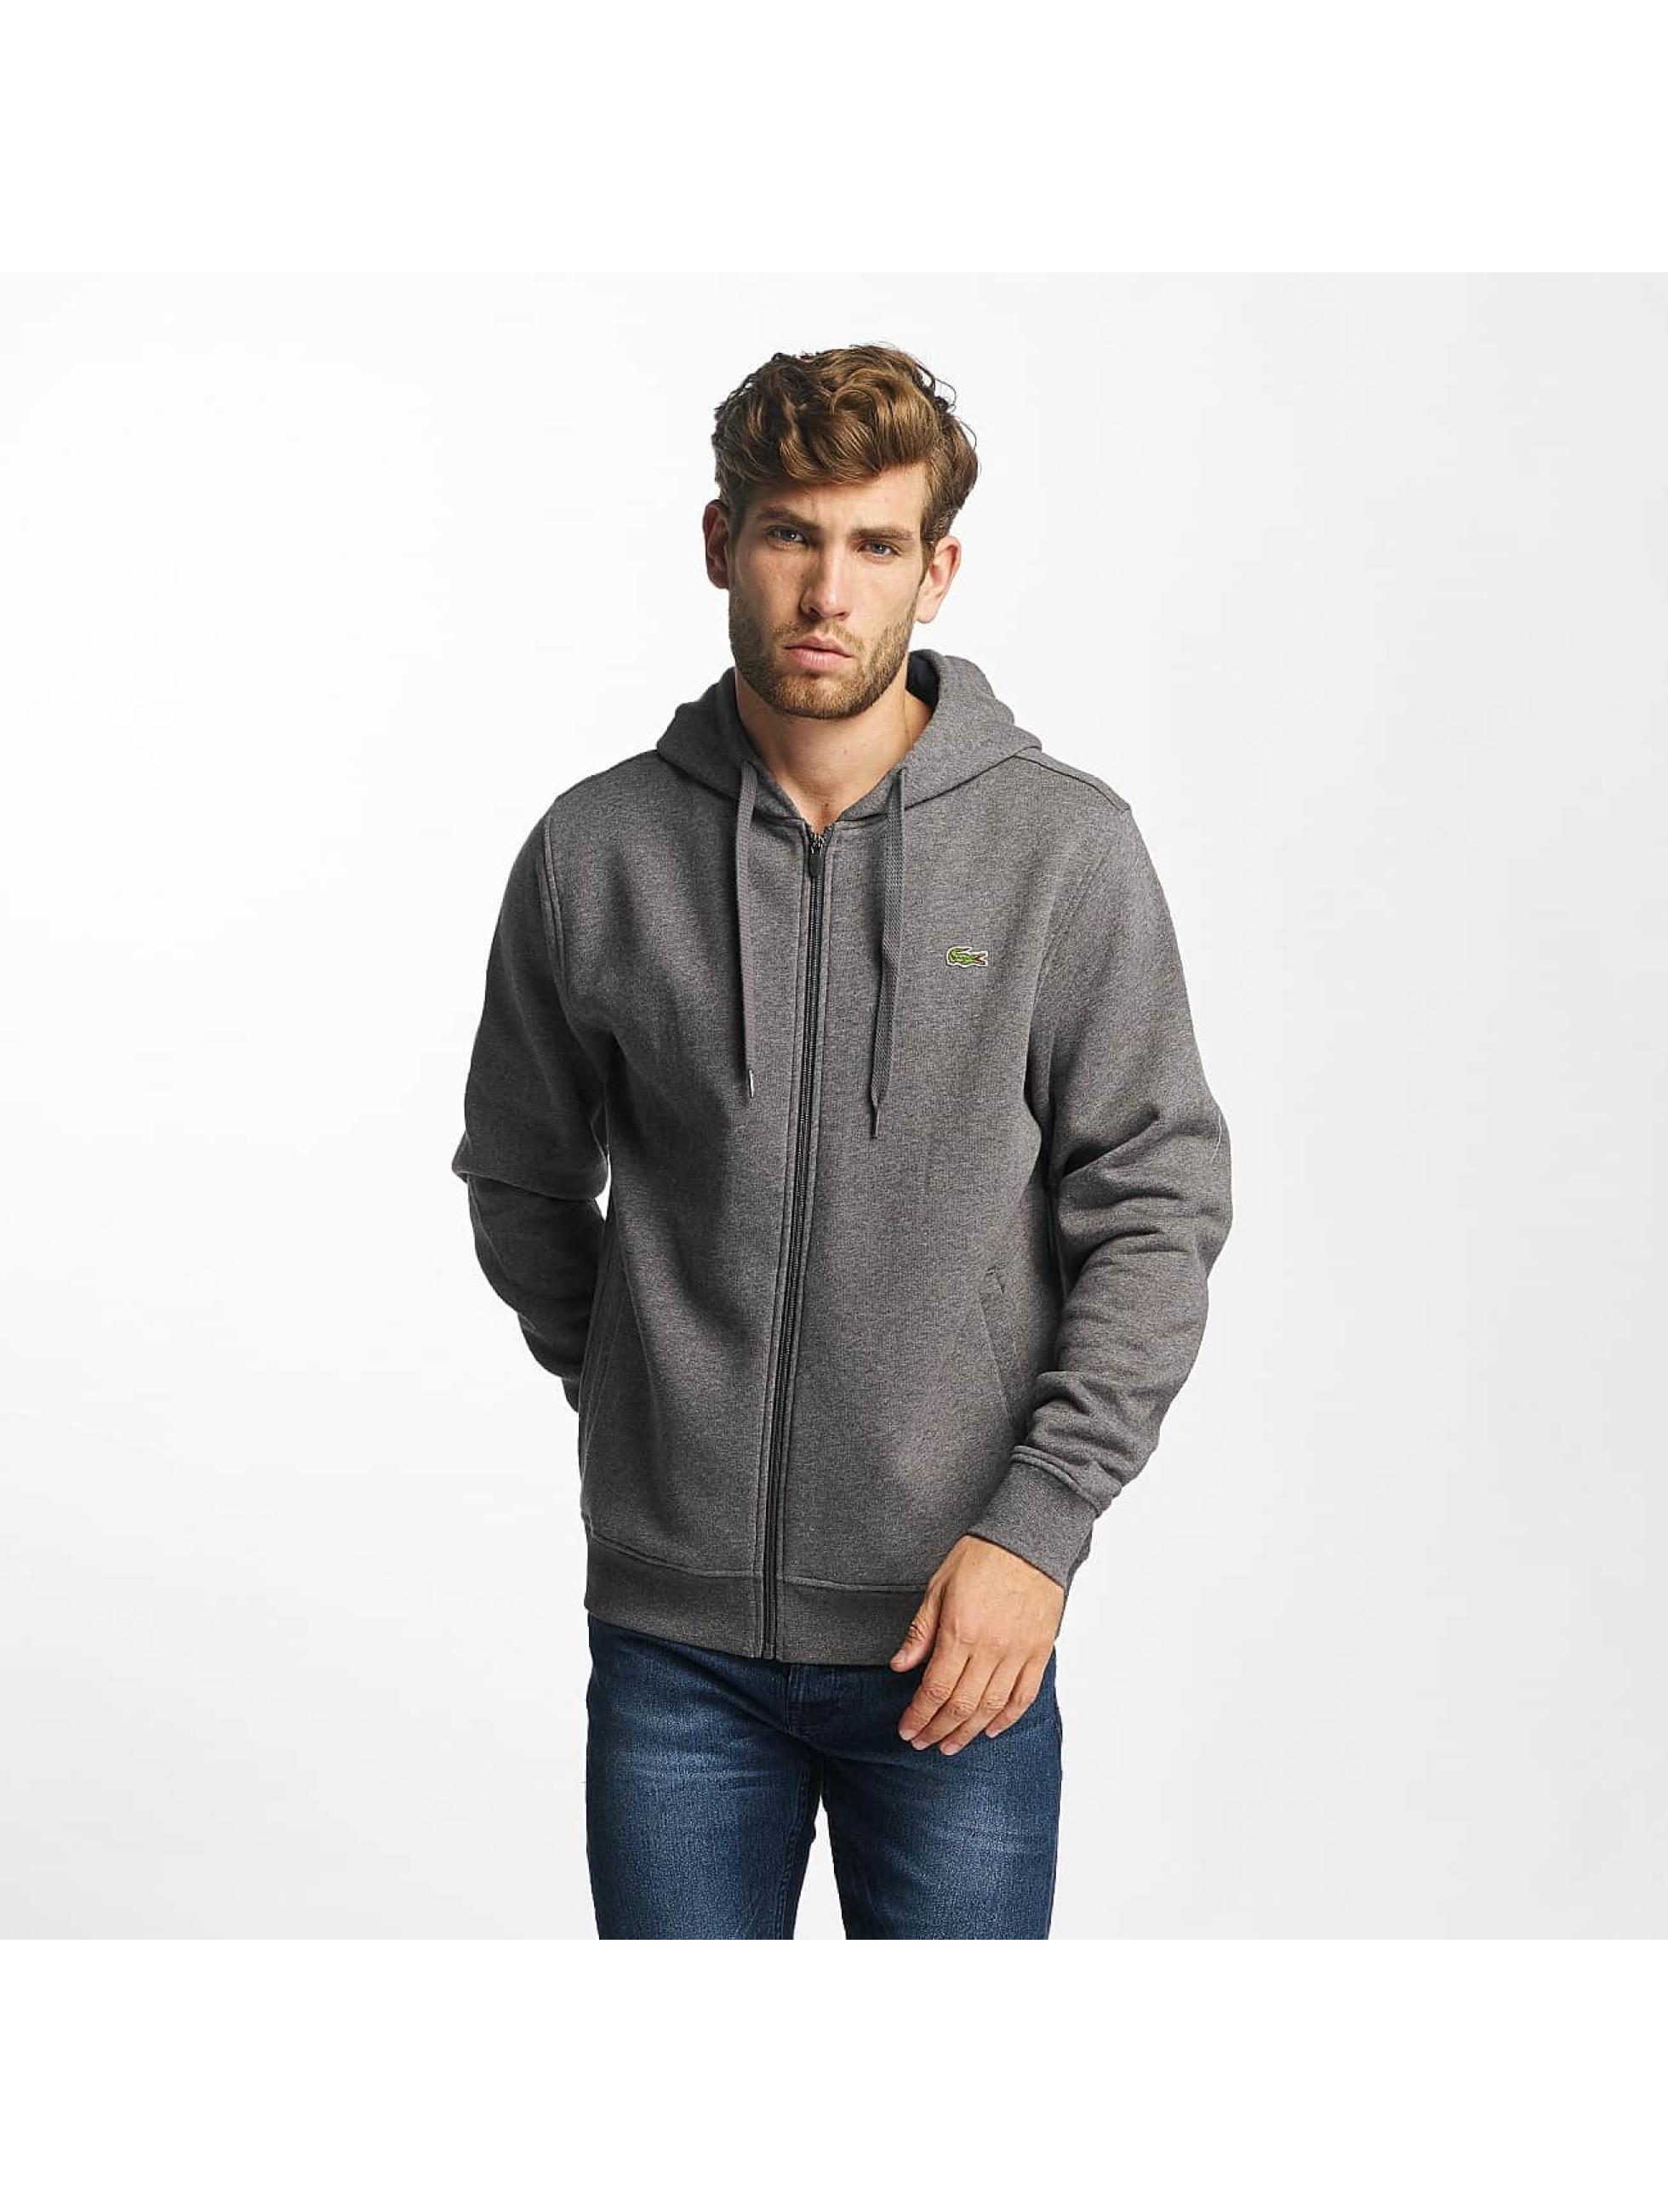 Lacoste Classic Classic gris Sweat capuche zippé homme